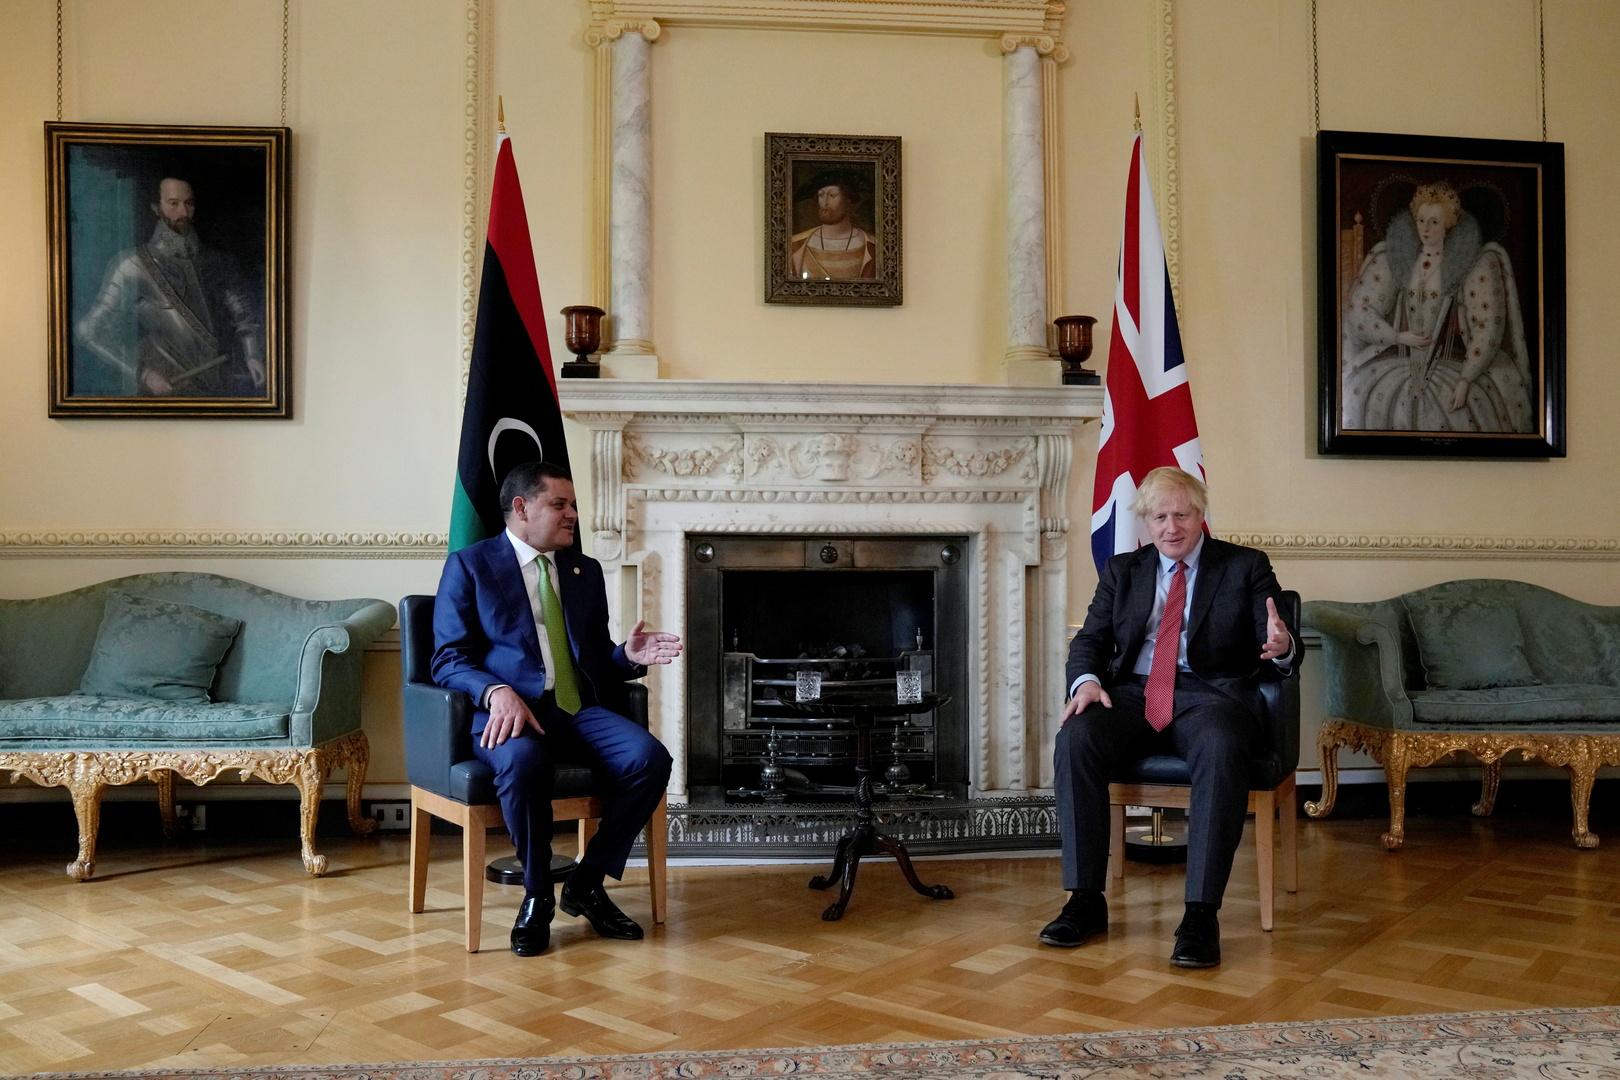 جونسون يؤكد دعمه لجهود رئيس الوزراء الليبي